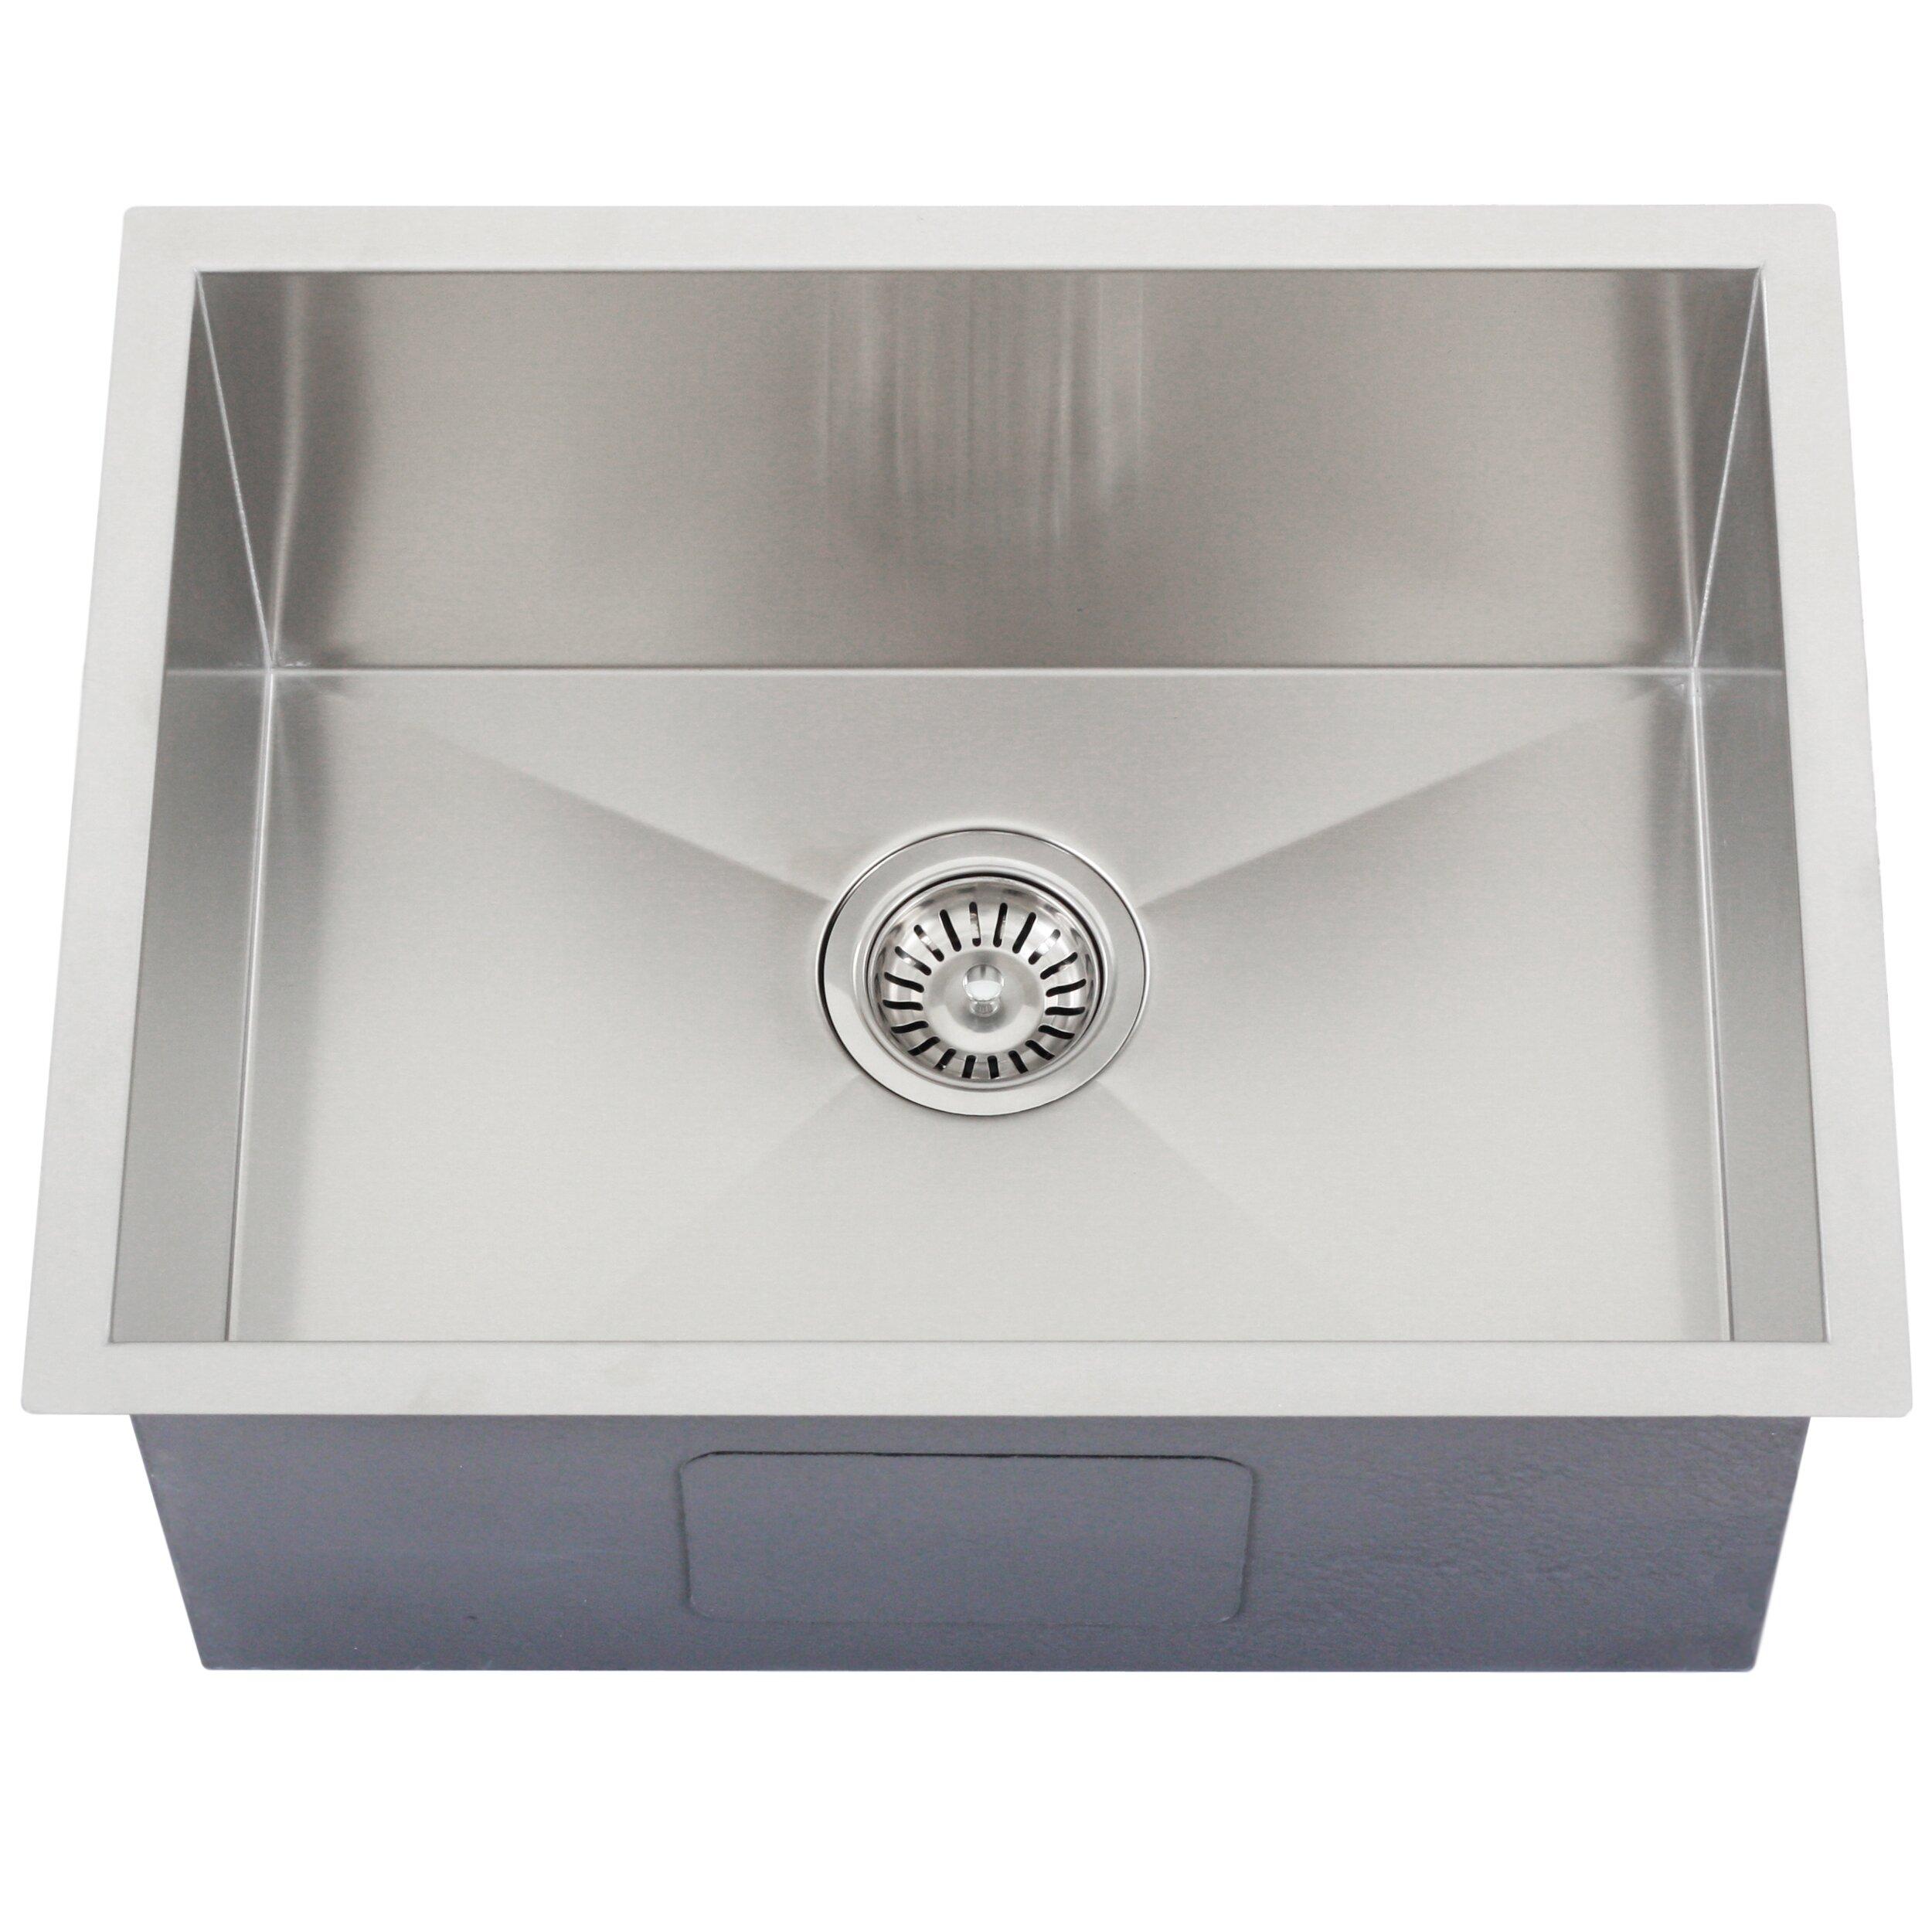 Single Bowl Kitchen Sink Reviews